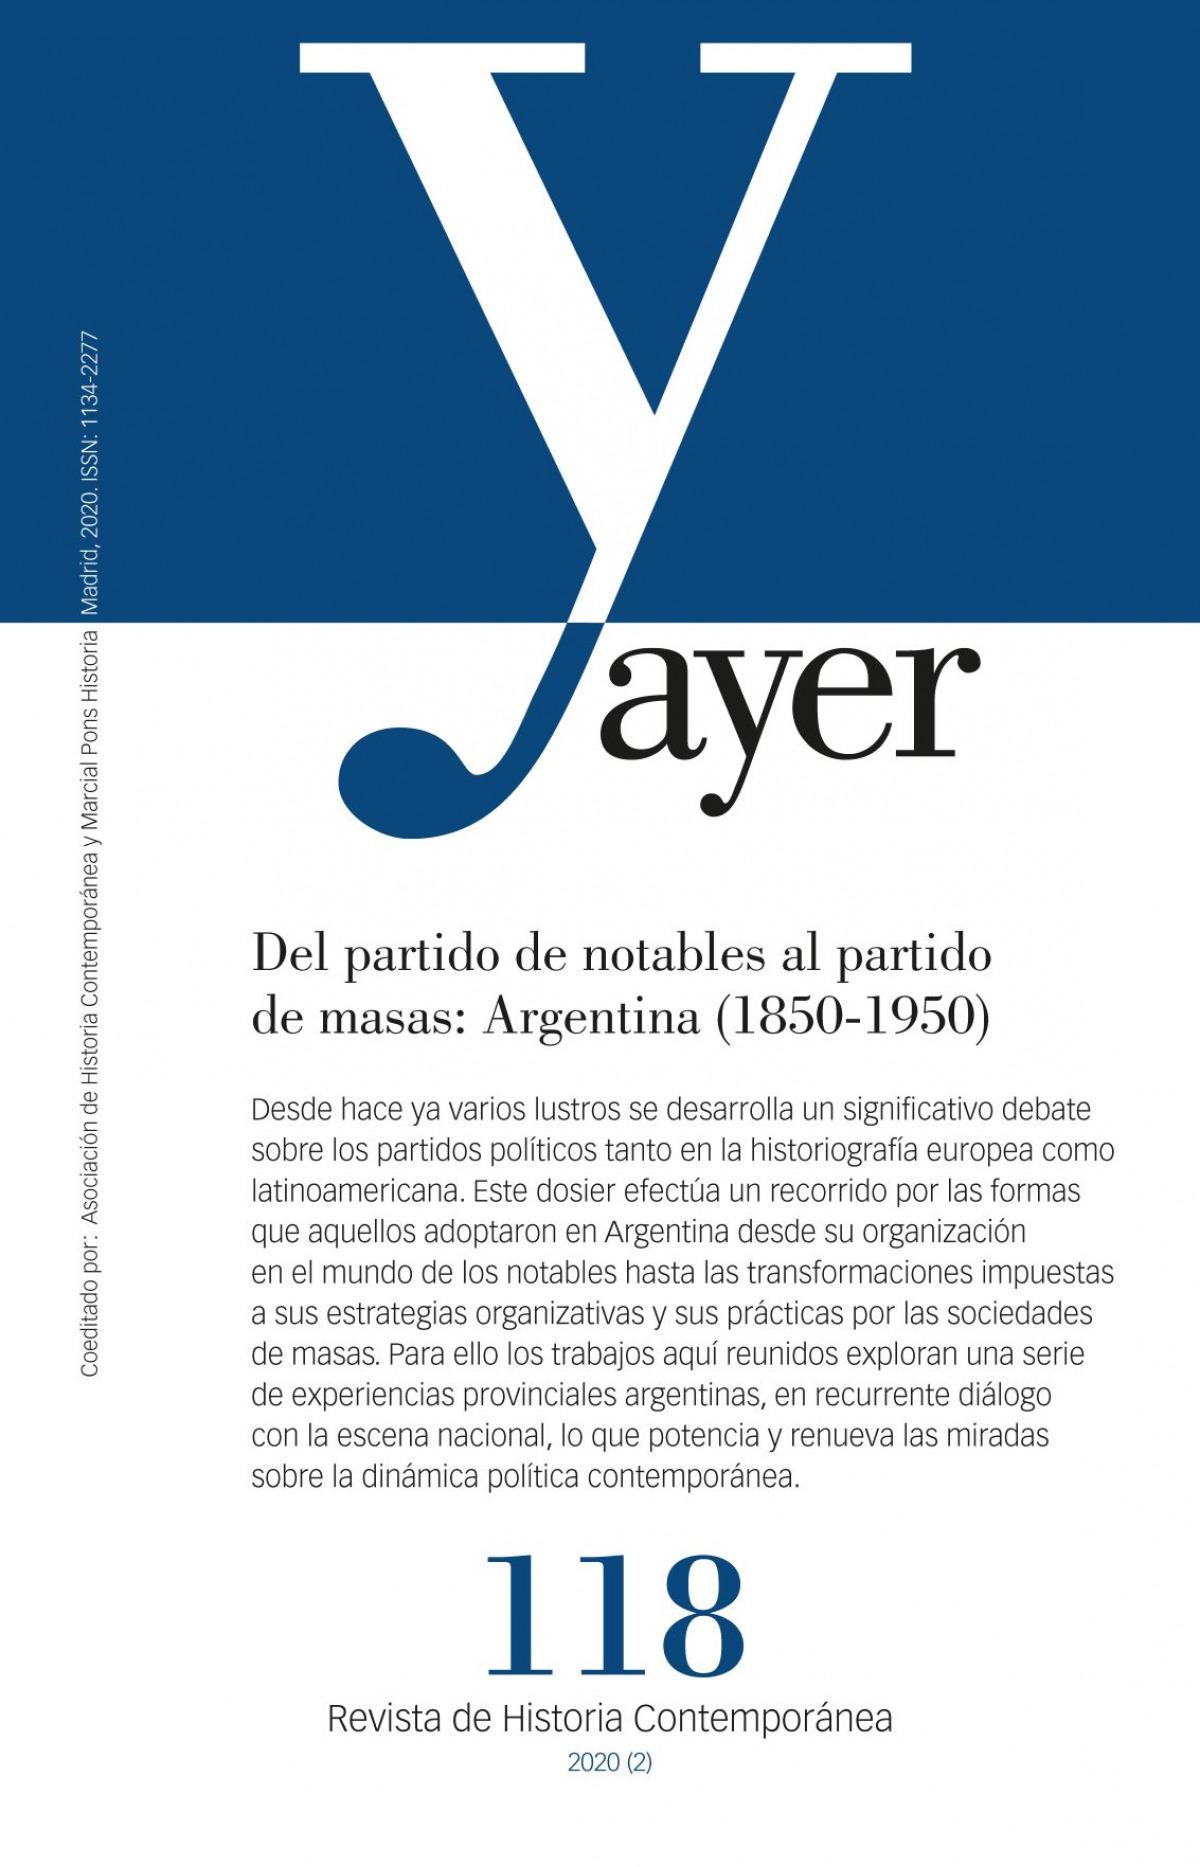 Del partido de notables al partido de masas: Argentina (1850-1950)